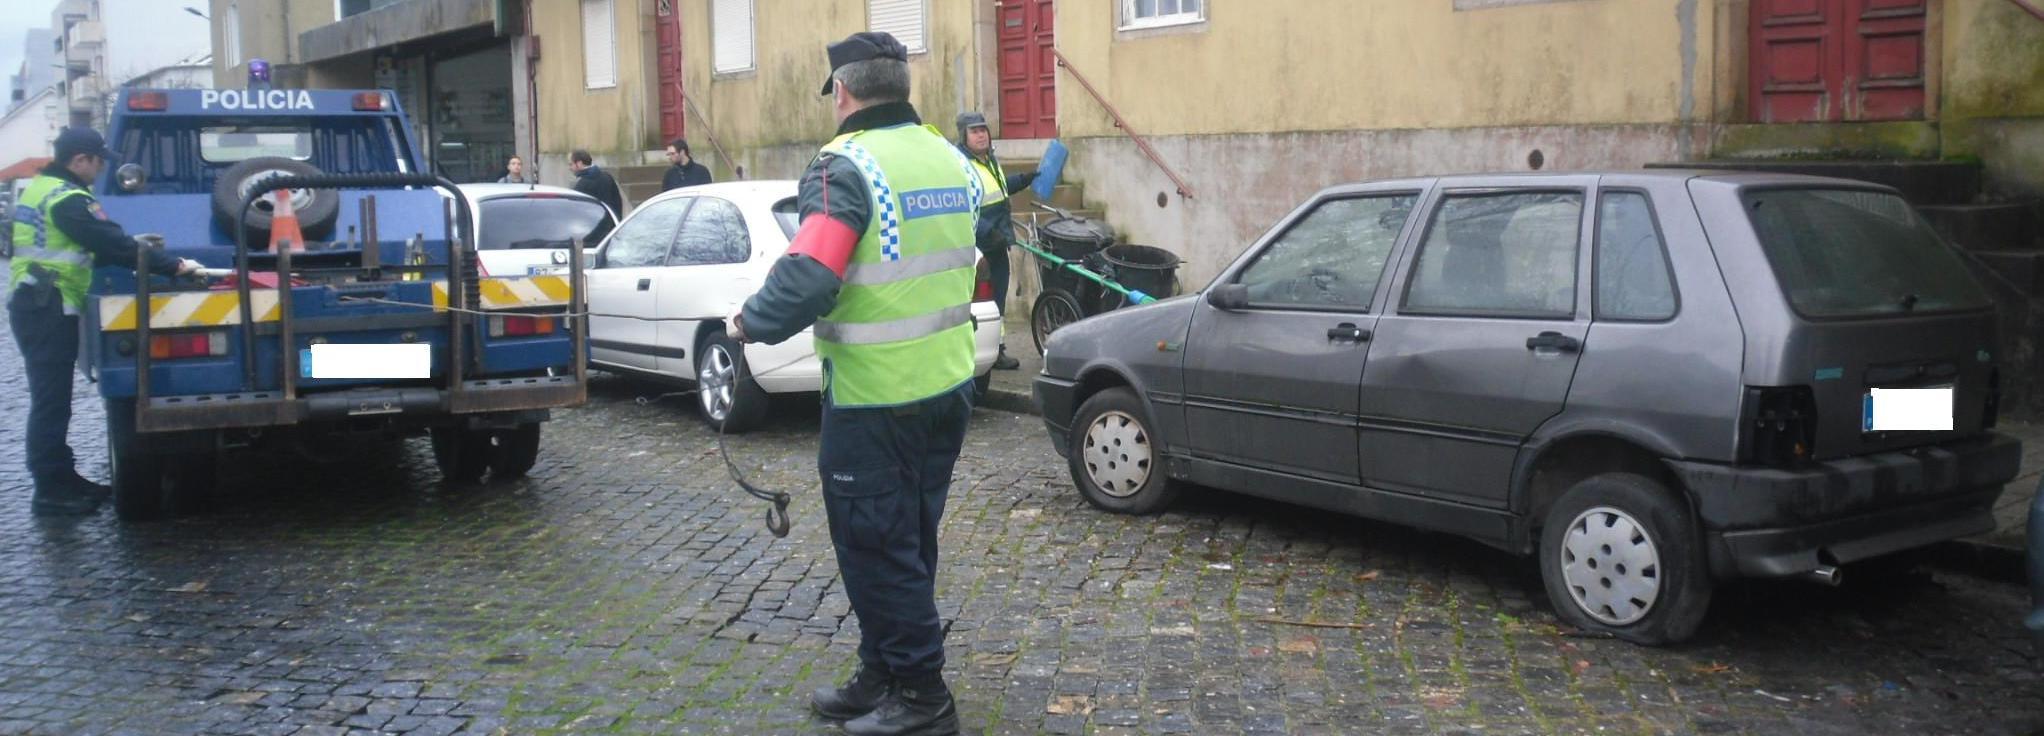 Câmara Municipal e PSP removem veículos abandonados